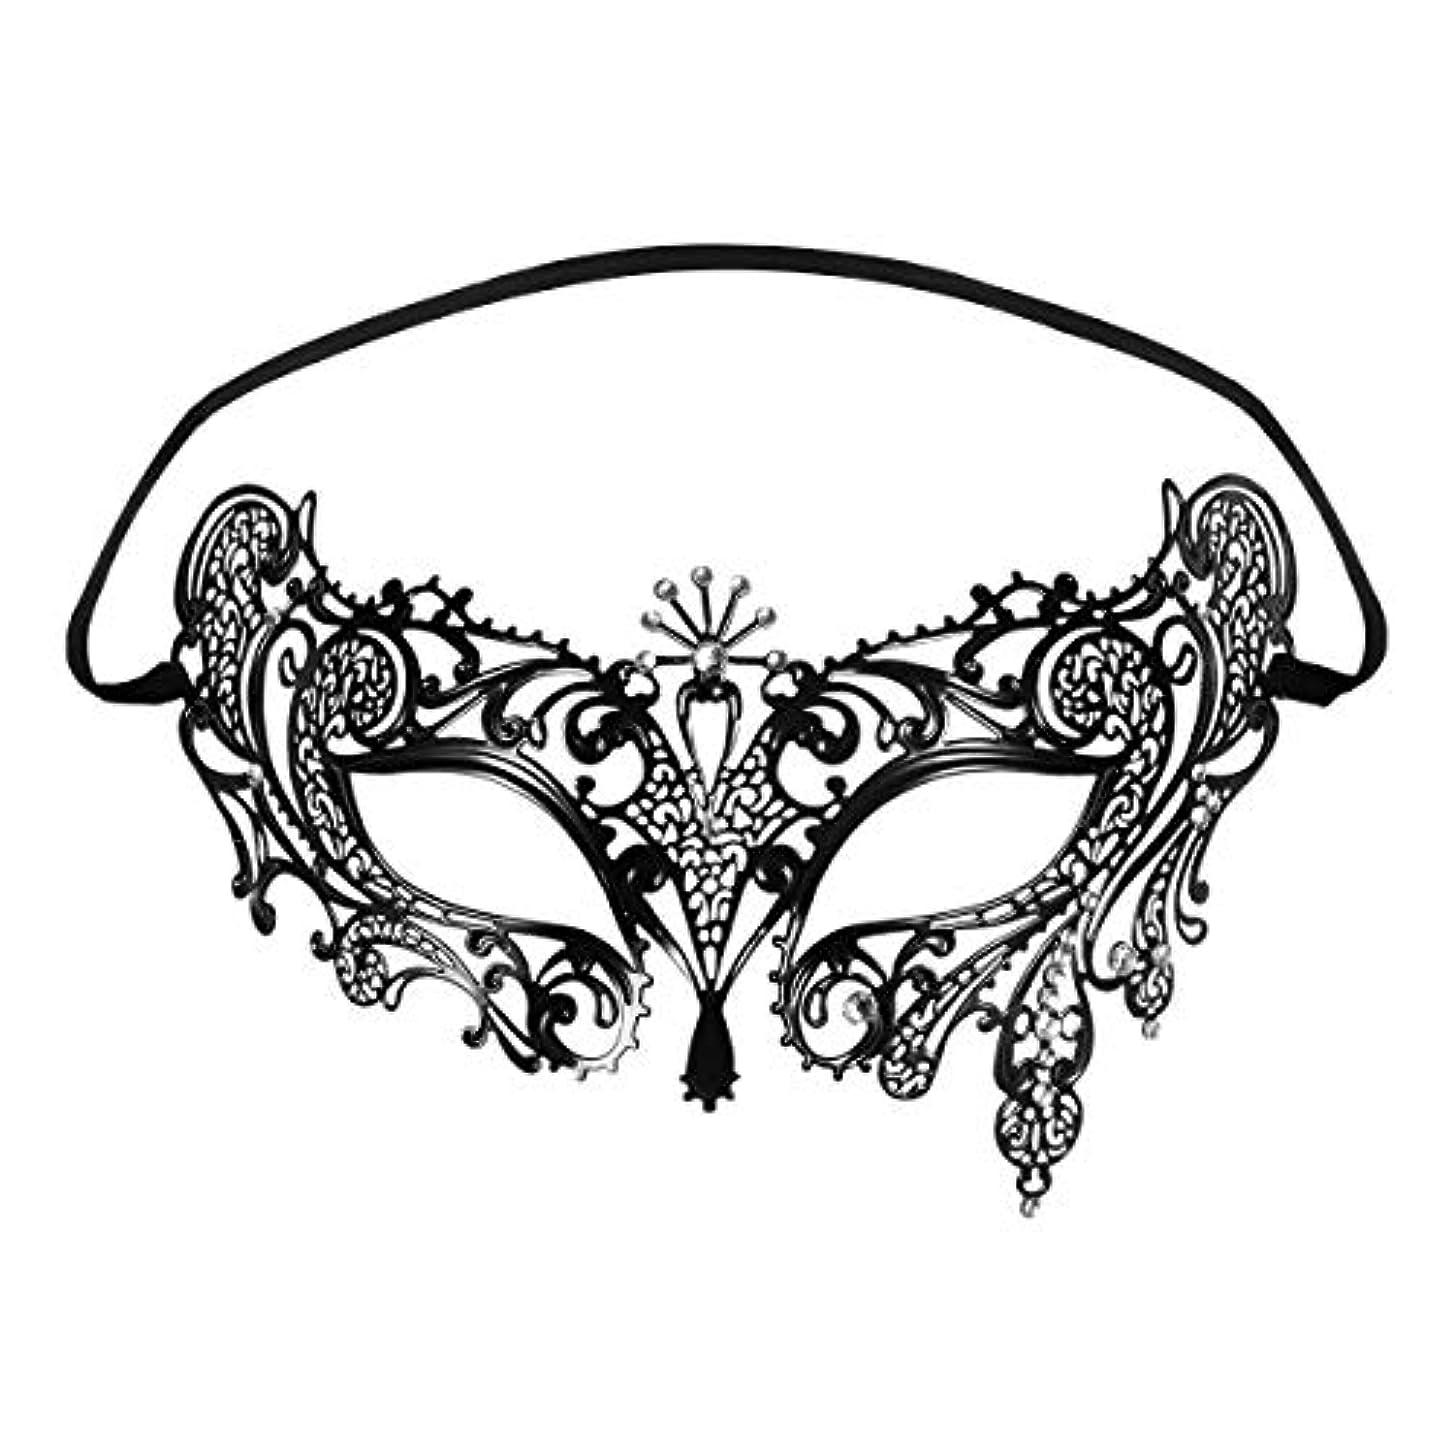 集める病んでいる首謀者Foxnovo Foxnovoファッション高級ベネチアンスタイルディアマンテメタルフィリグリー仮装用マスク結婚式/パーティー用(ブラック)